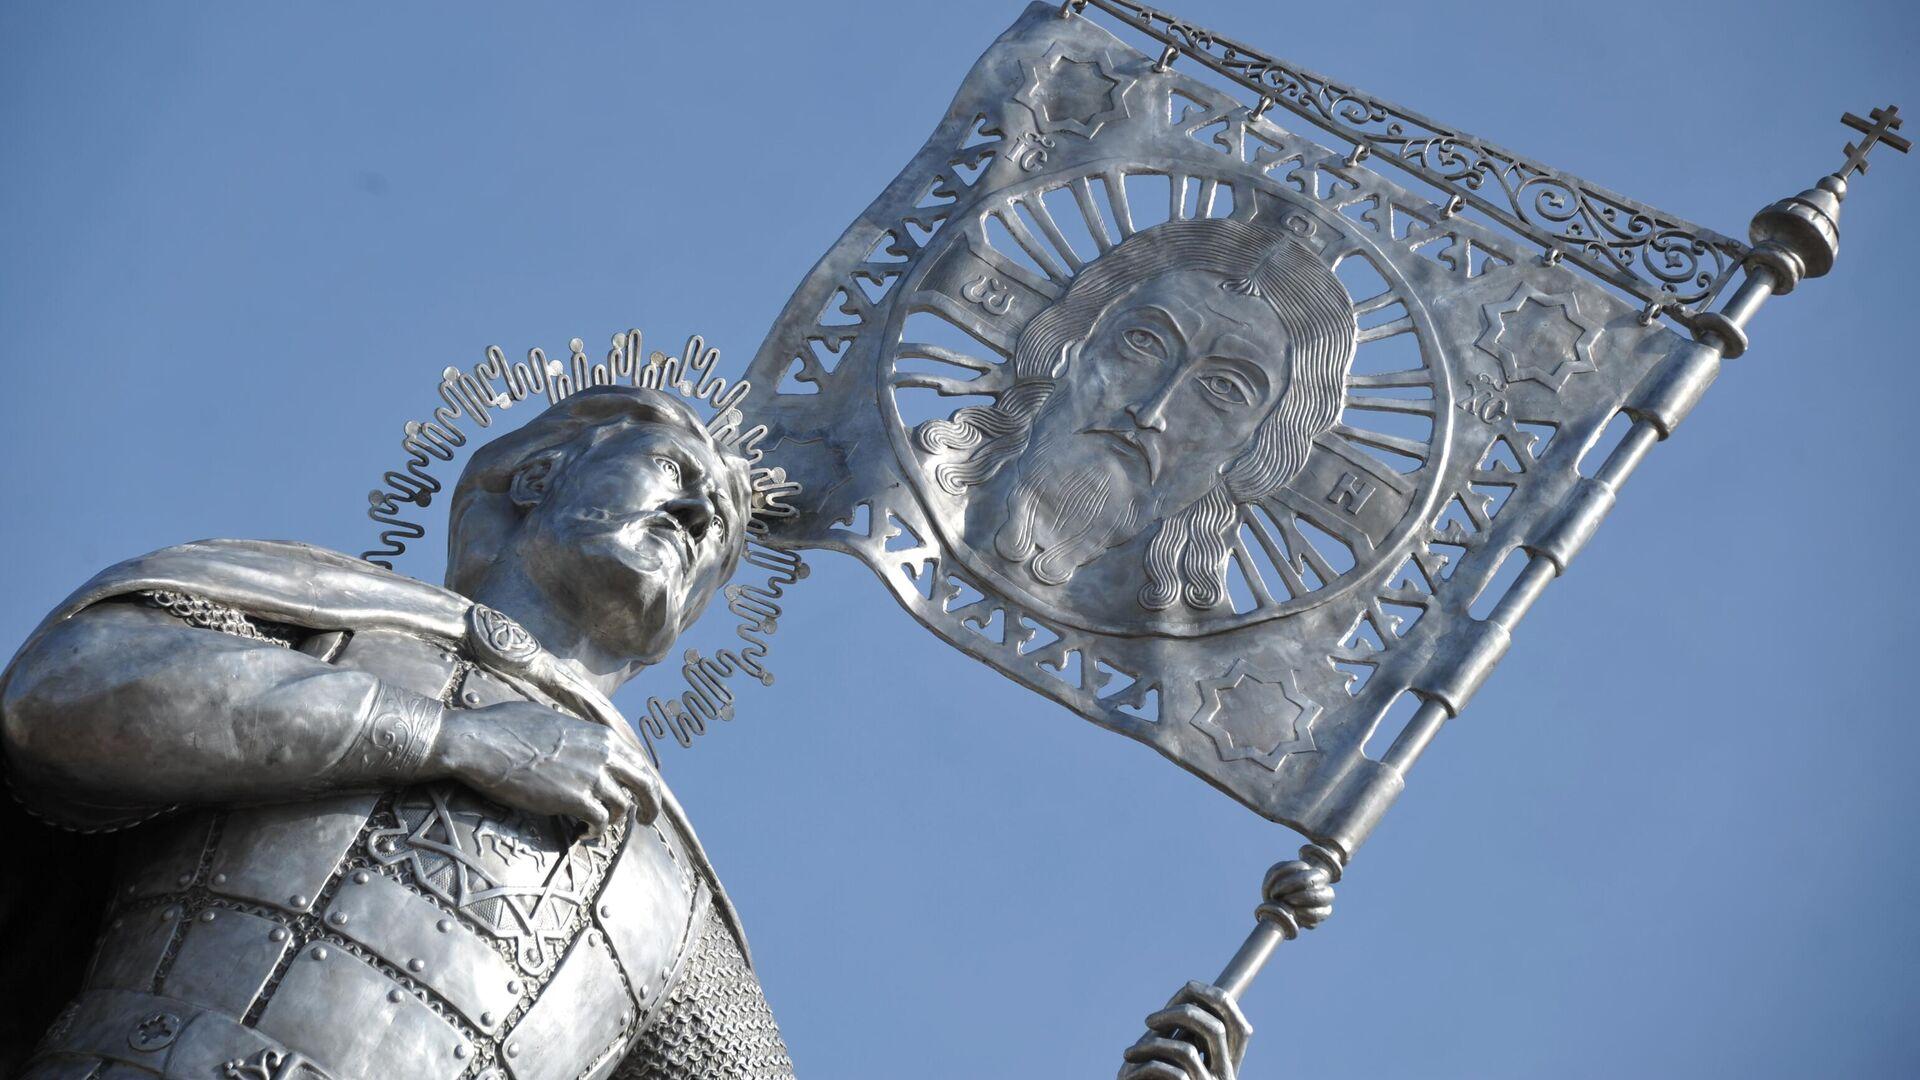 Памятник Александру Невскому, открытие которого состоялось на площади у Кафедрального собора Казанской иконы Божией Матери в Чите - РИА Новости, 1920, 11.09.2021